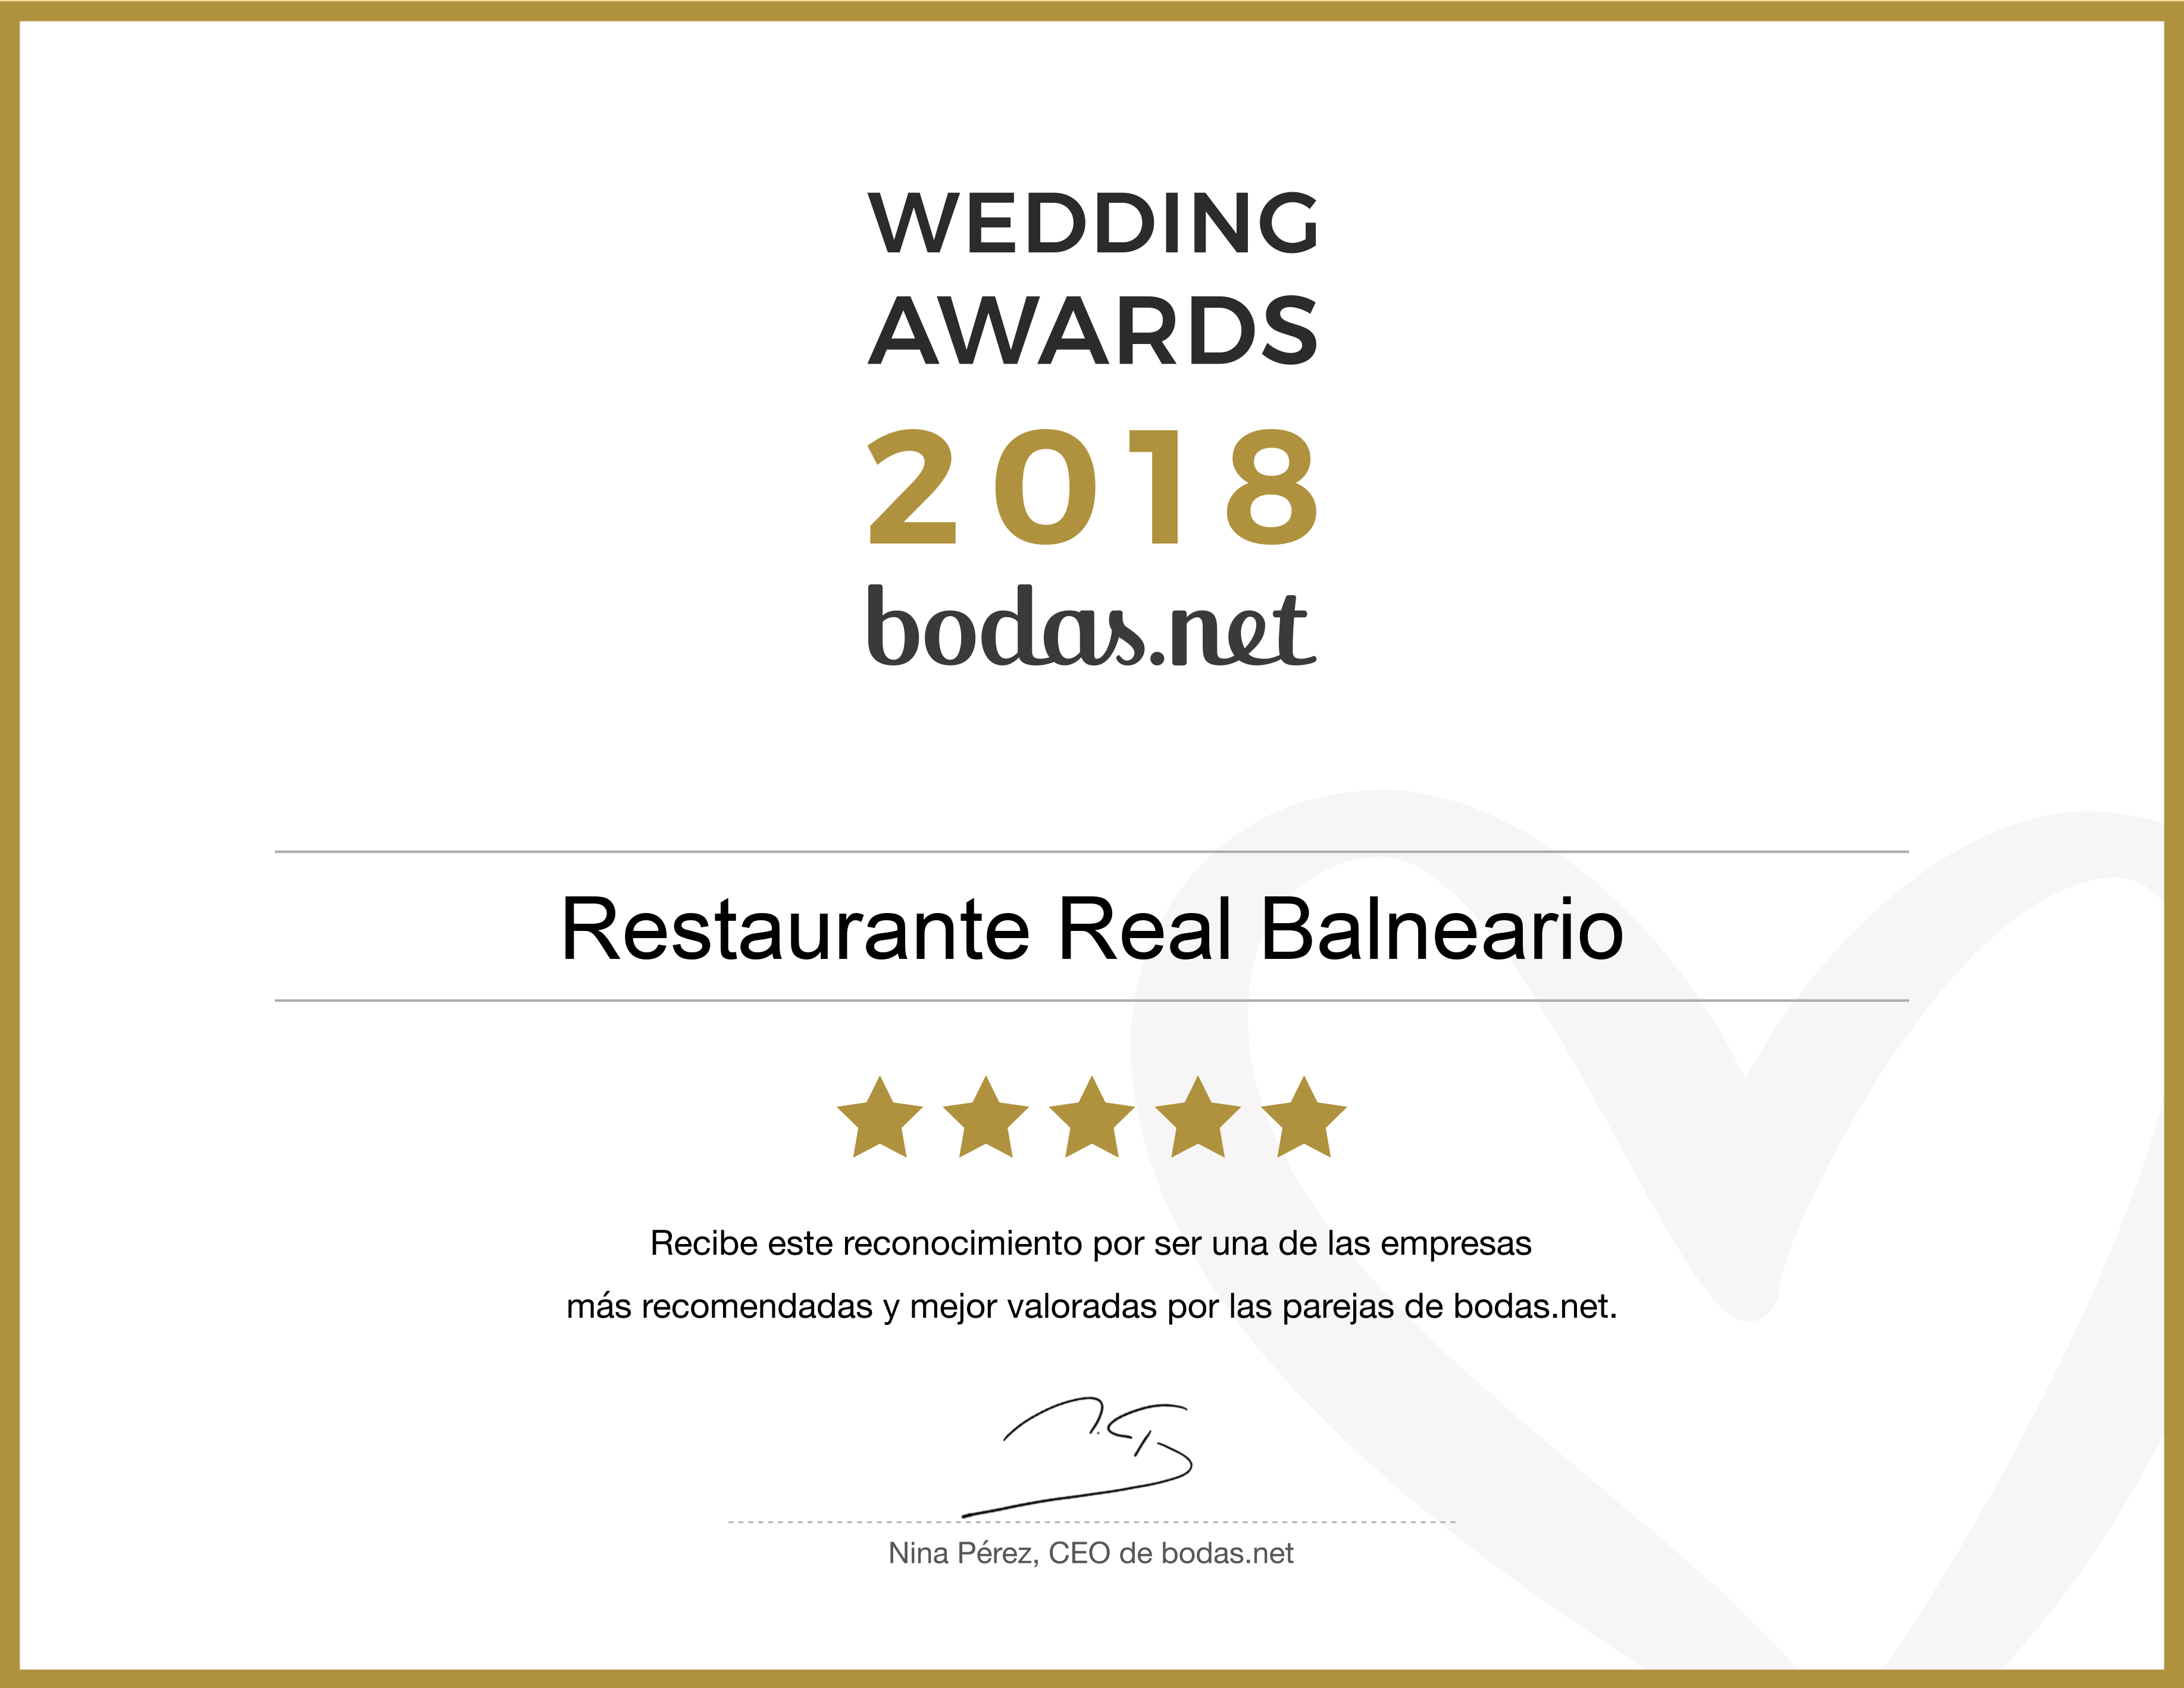 Bodas.net reconoce la excelencia del Real Balneario con un Wedding Awards 2018